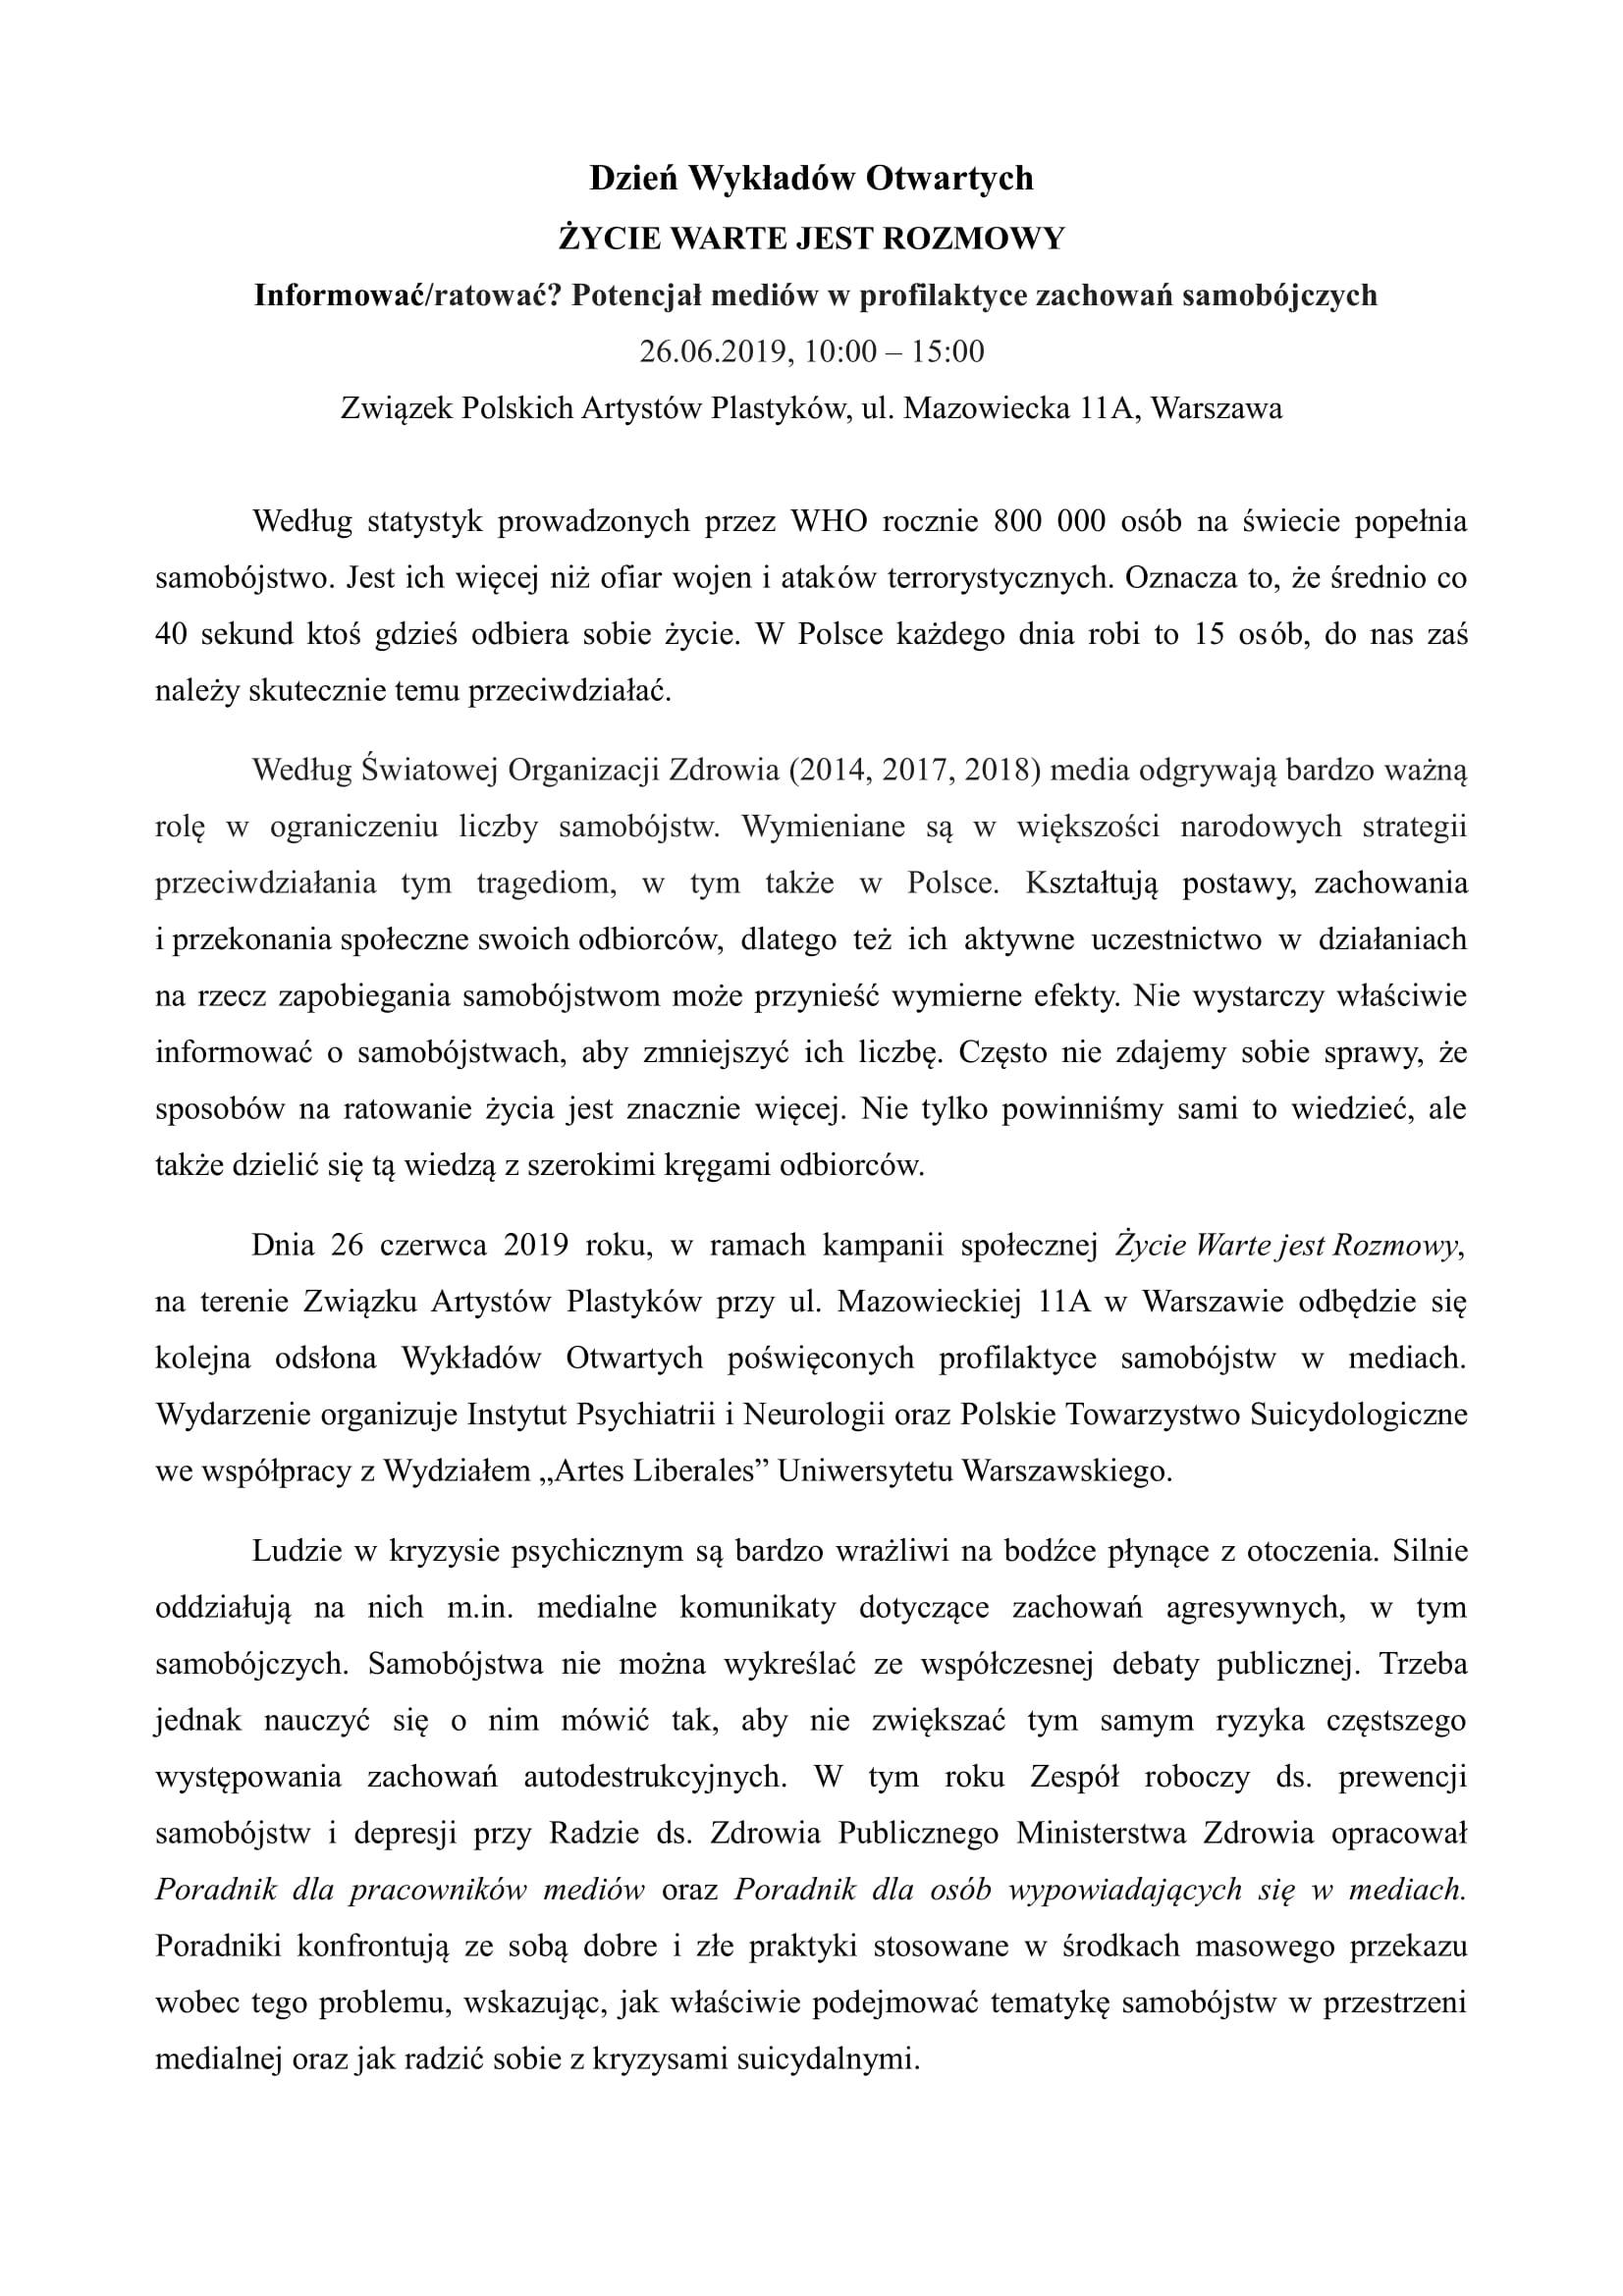 zaproszenie edit 3.0-1